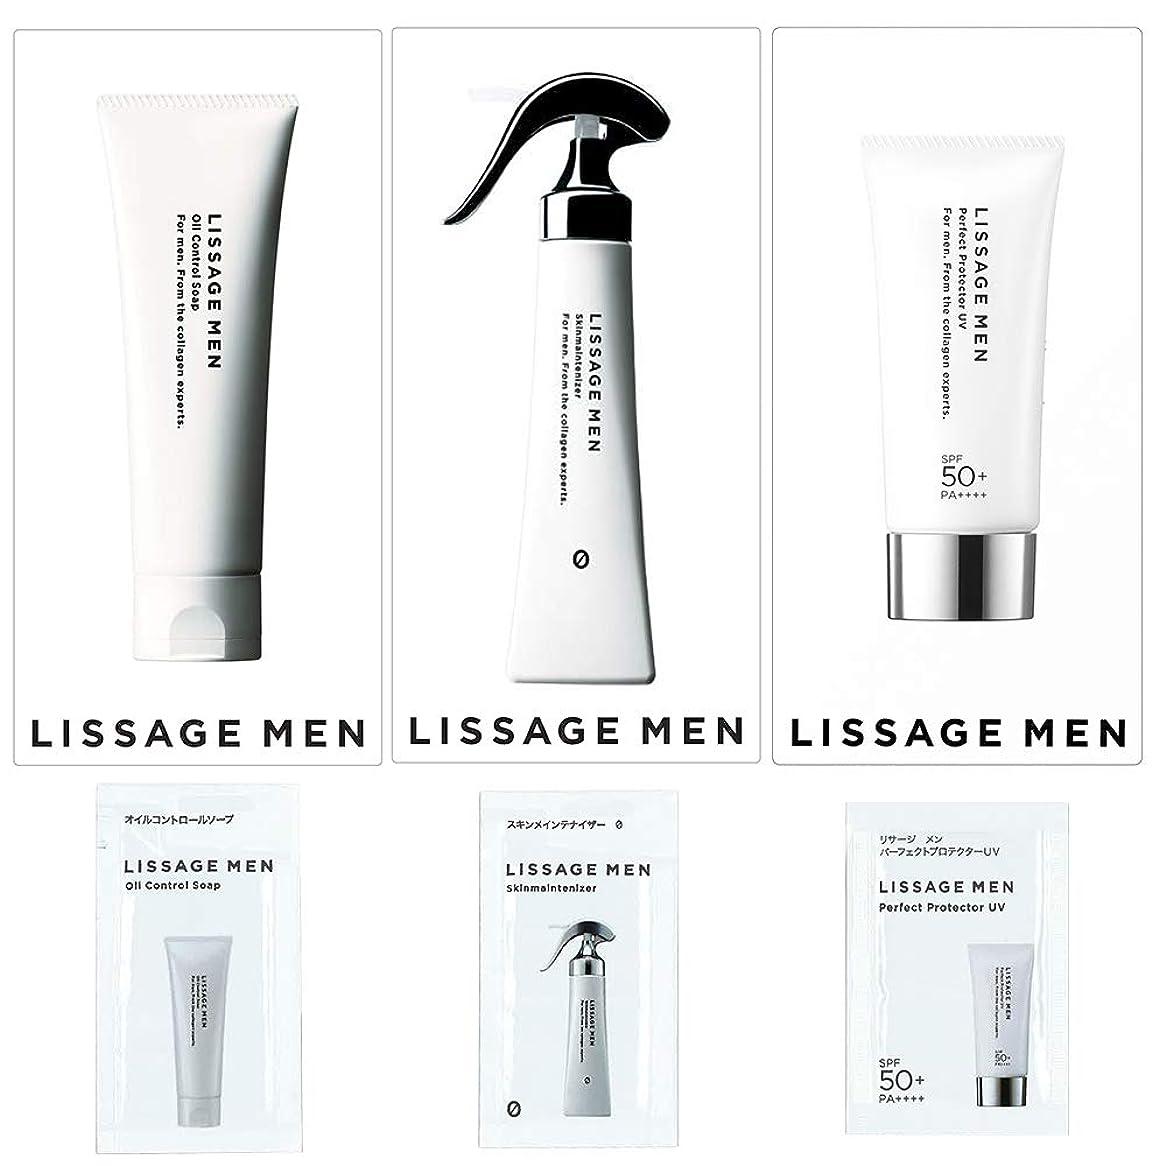 ペチュランス信号遺跡リサージメン メンズ フェイスケア 3点セット 洗顔&化粧水&UV(サンプルセット) 【実質無料サンプルストア対象】